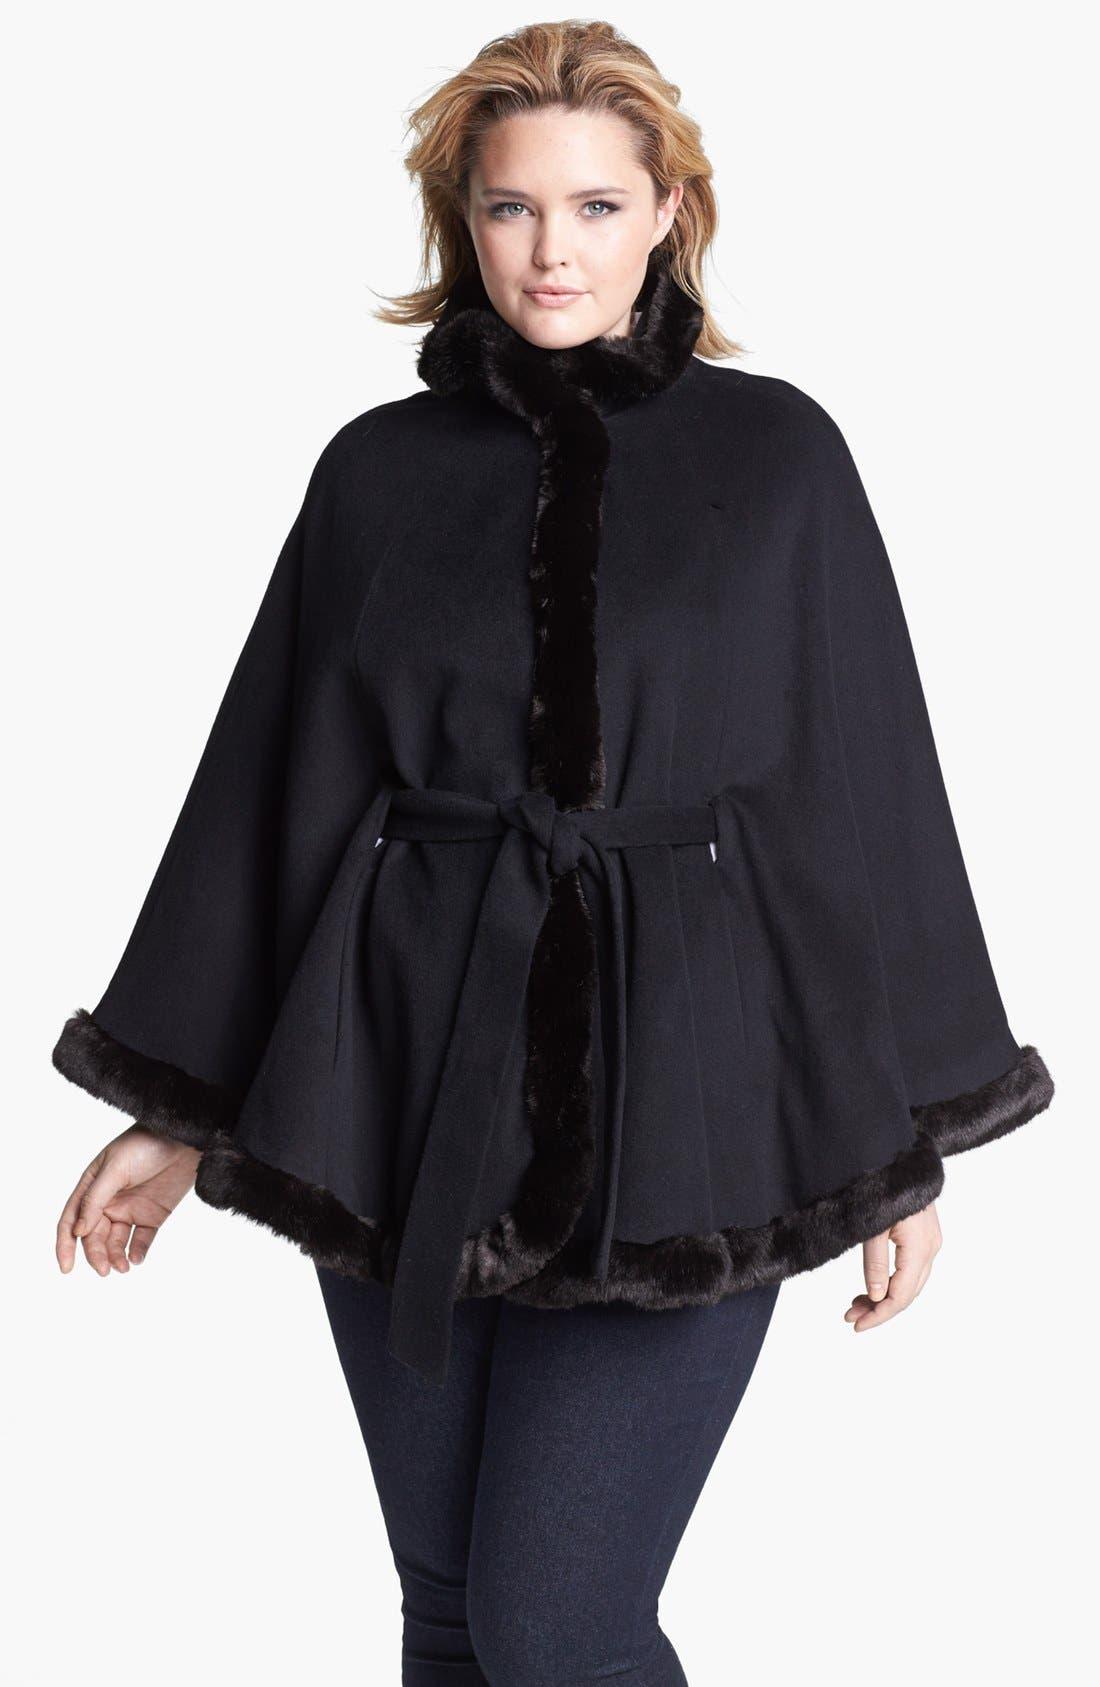 Alternate Image 1 Selected - Ellen Tracy Faux Fur Trim Belted Cape (Plus Size)